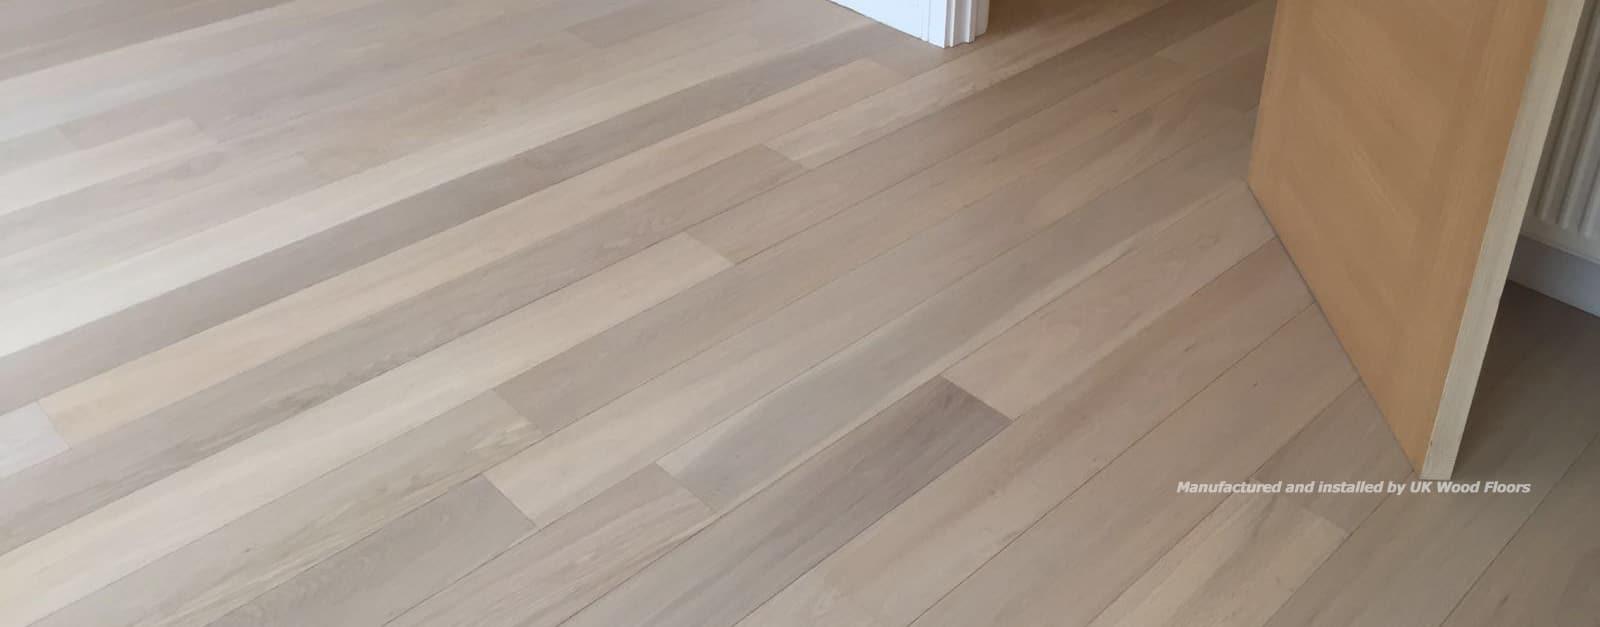 Prime AB Flooring